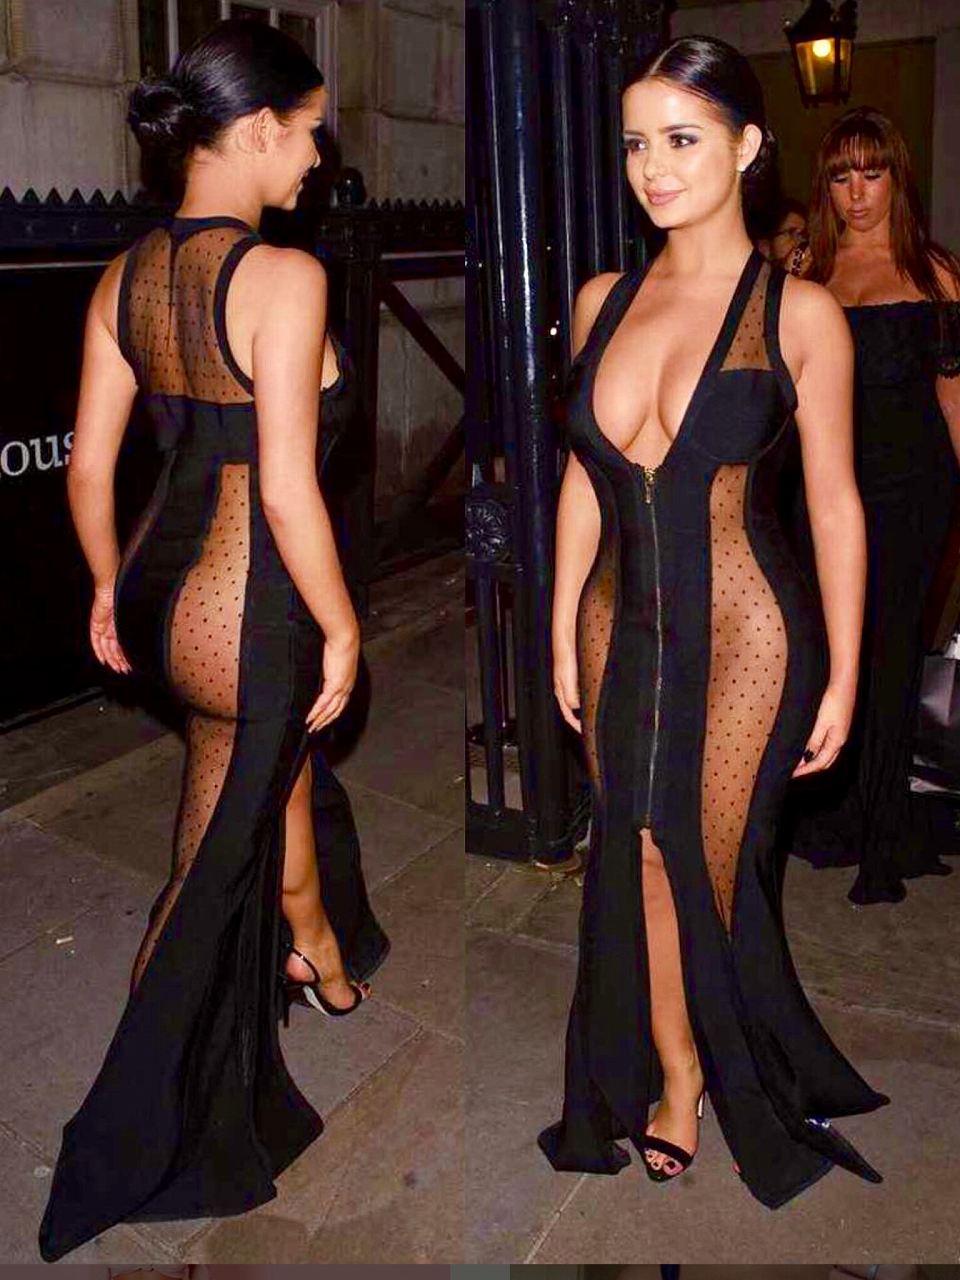 スケスケでおっぱいもお尻も見えまくったドレスを着た下着モデルのデミ・ローズ(Demi Rose)